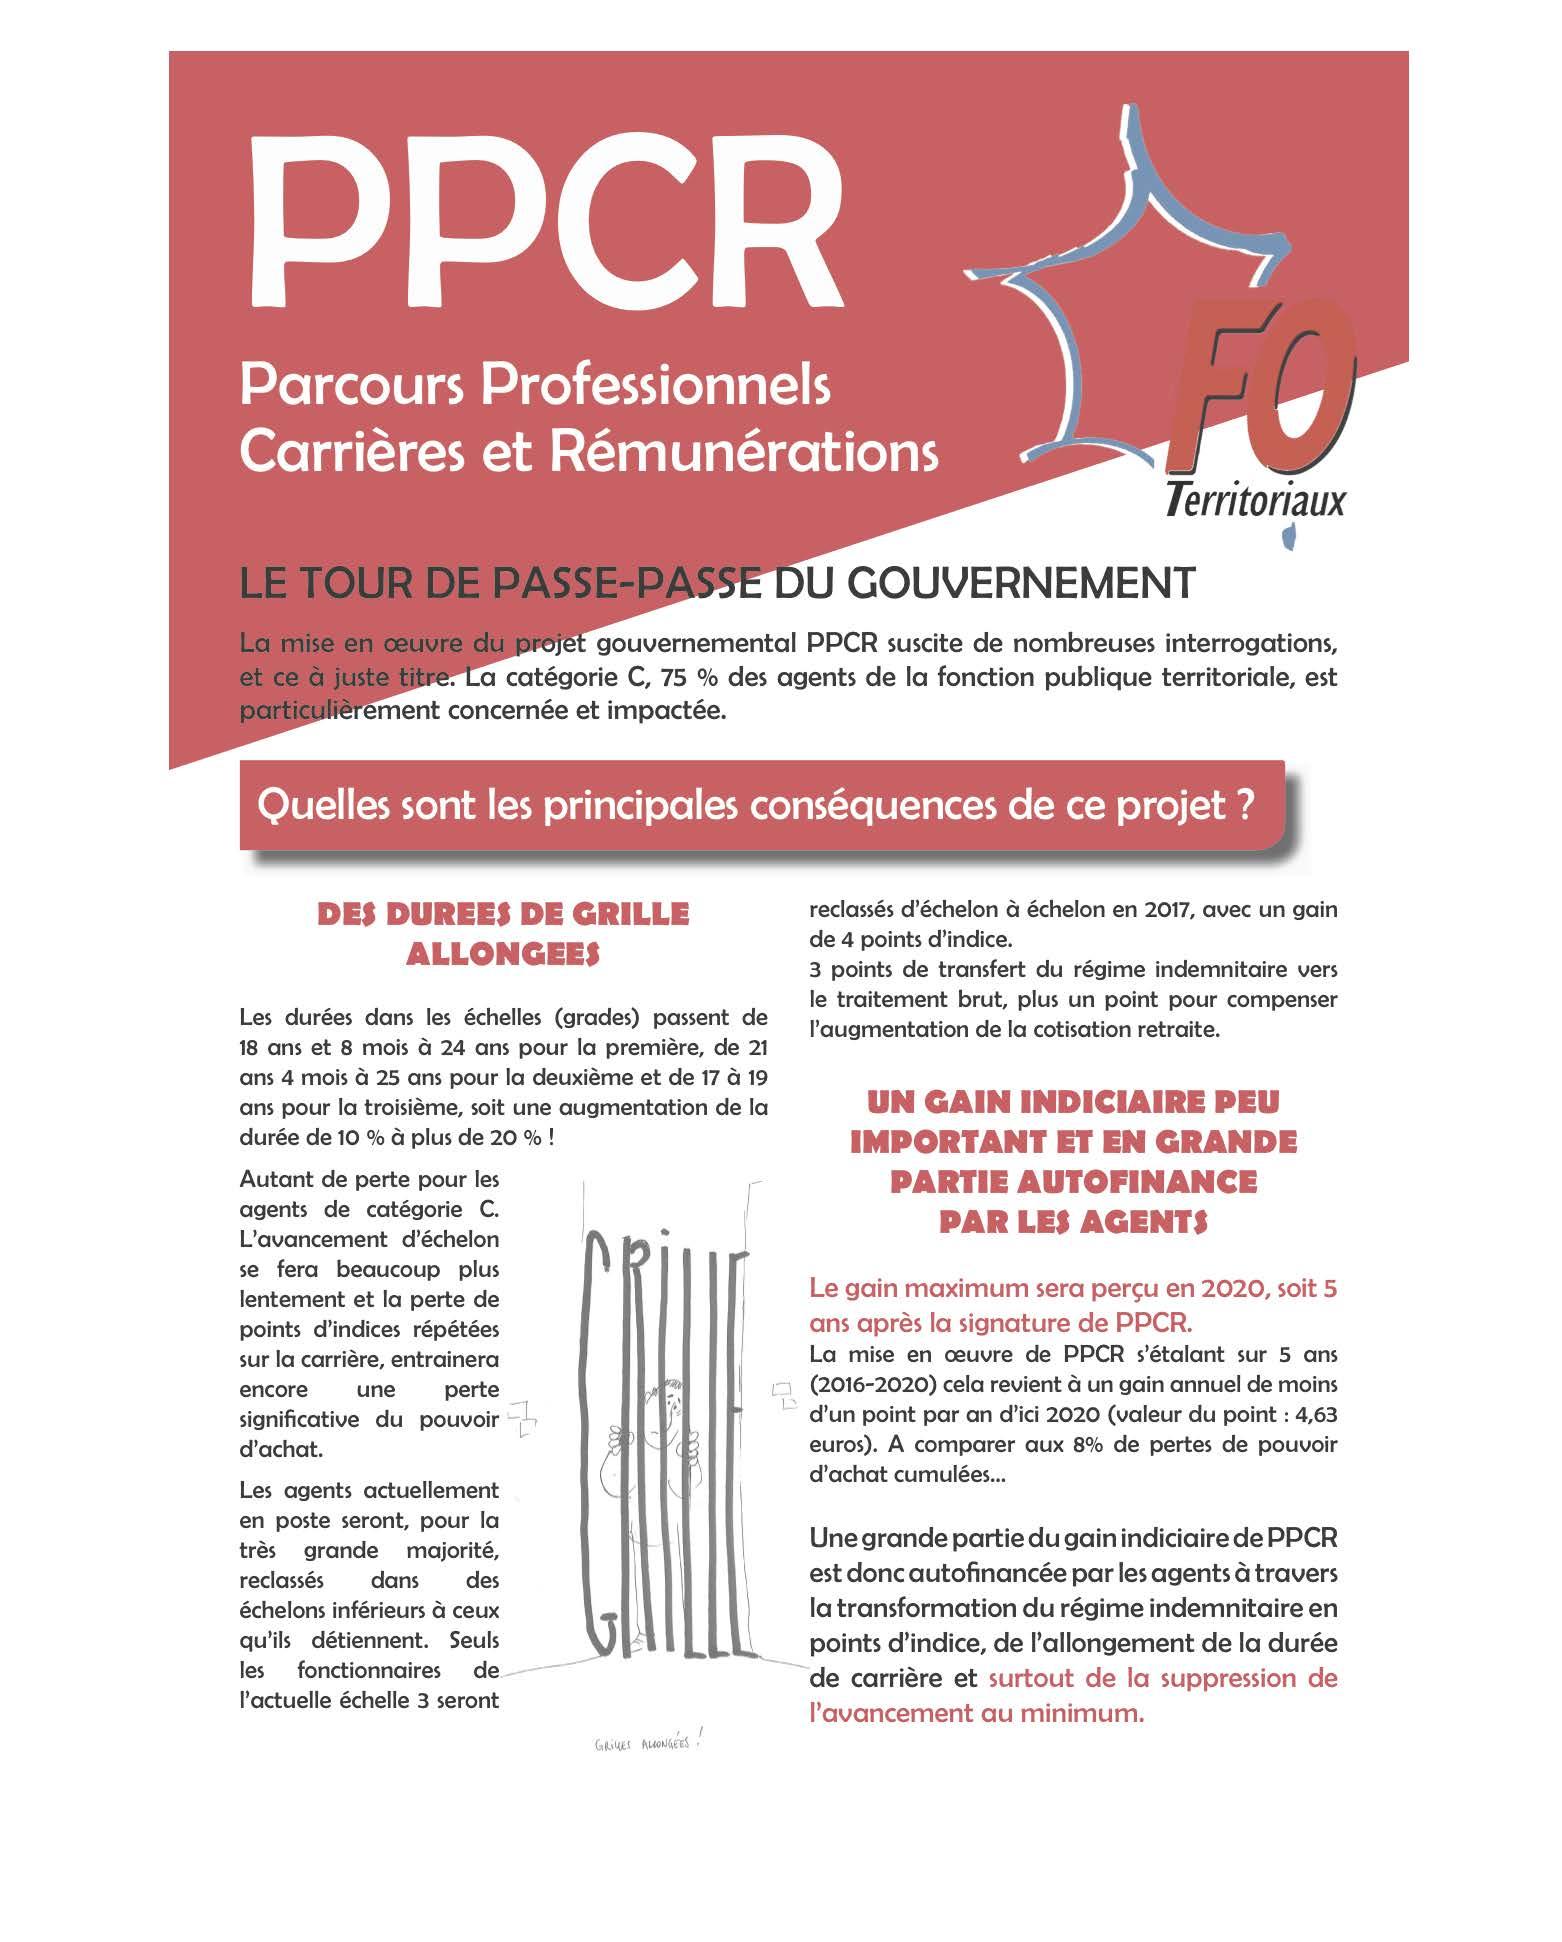 Parcours professionnels carri res r mun rations ppcr - Historique plafond de la securite sociale ...